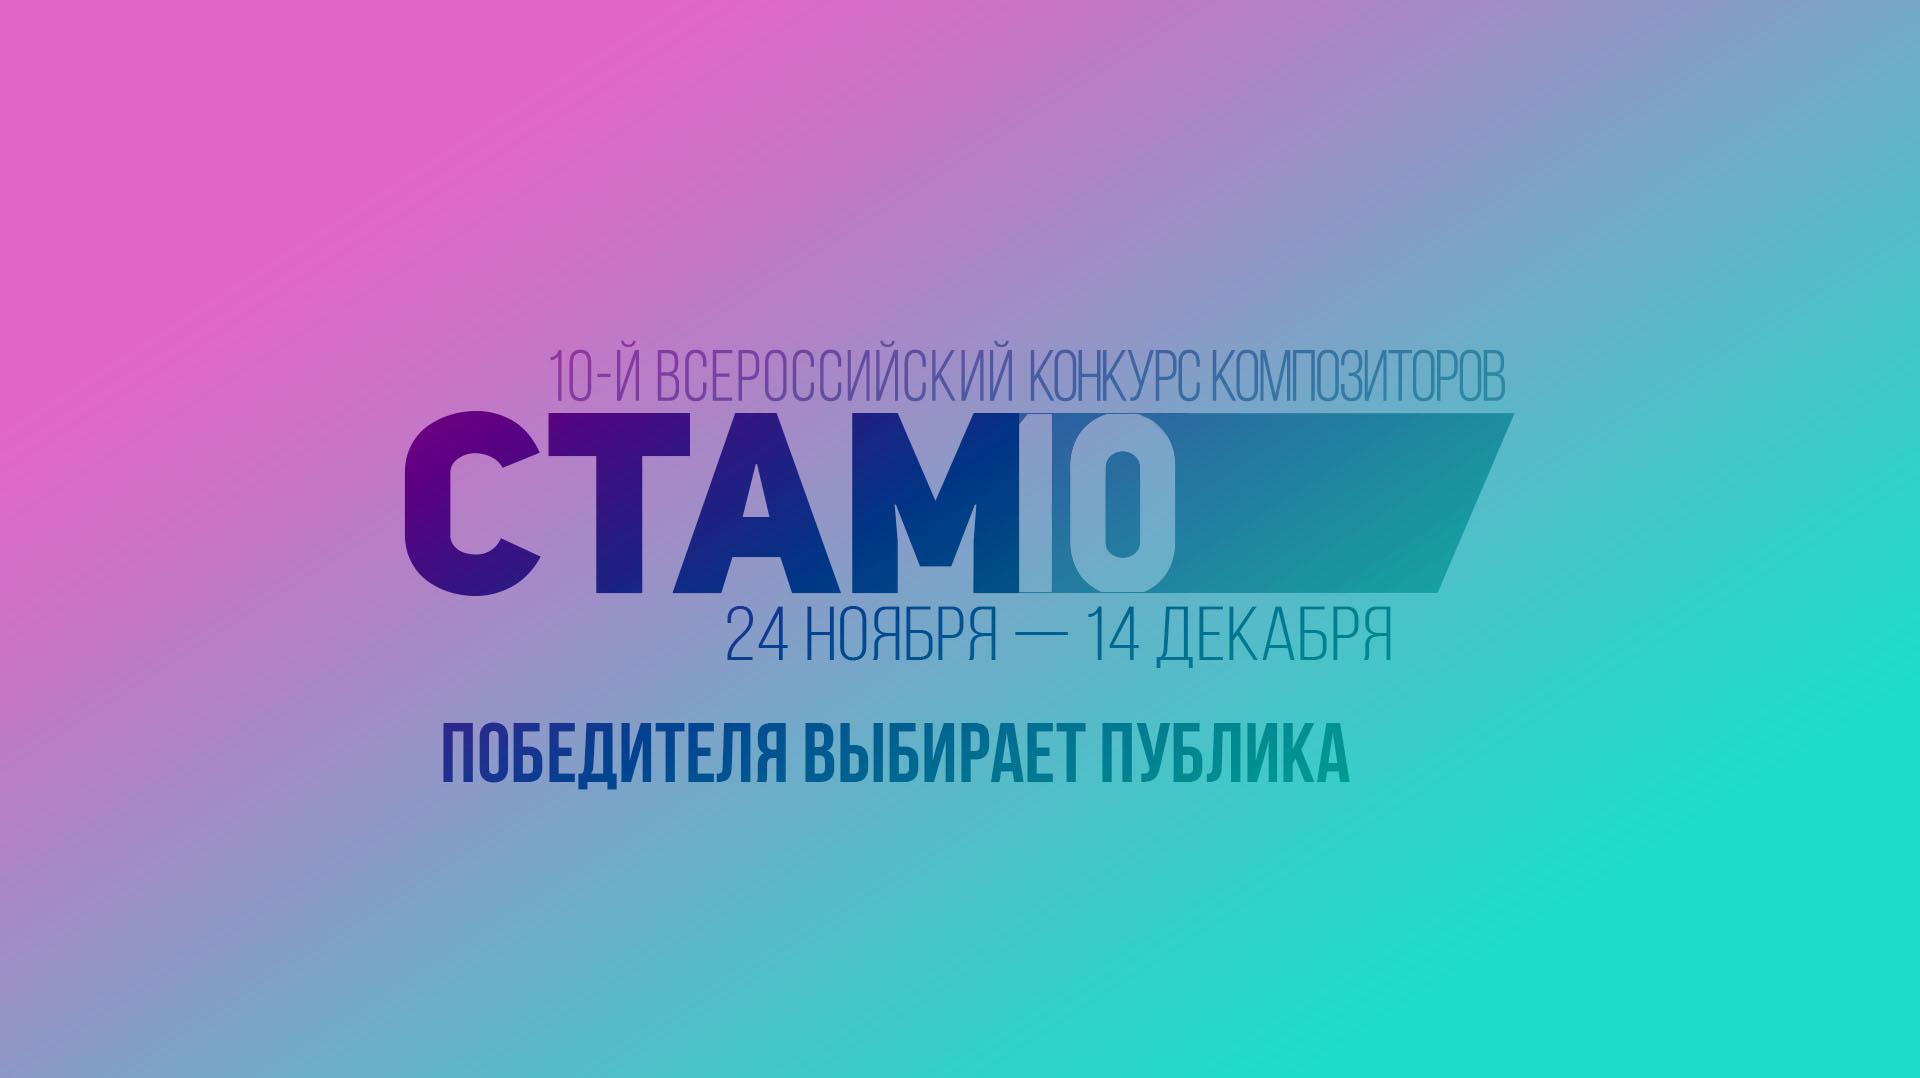 СТАМ-фестиваль 2020